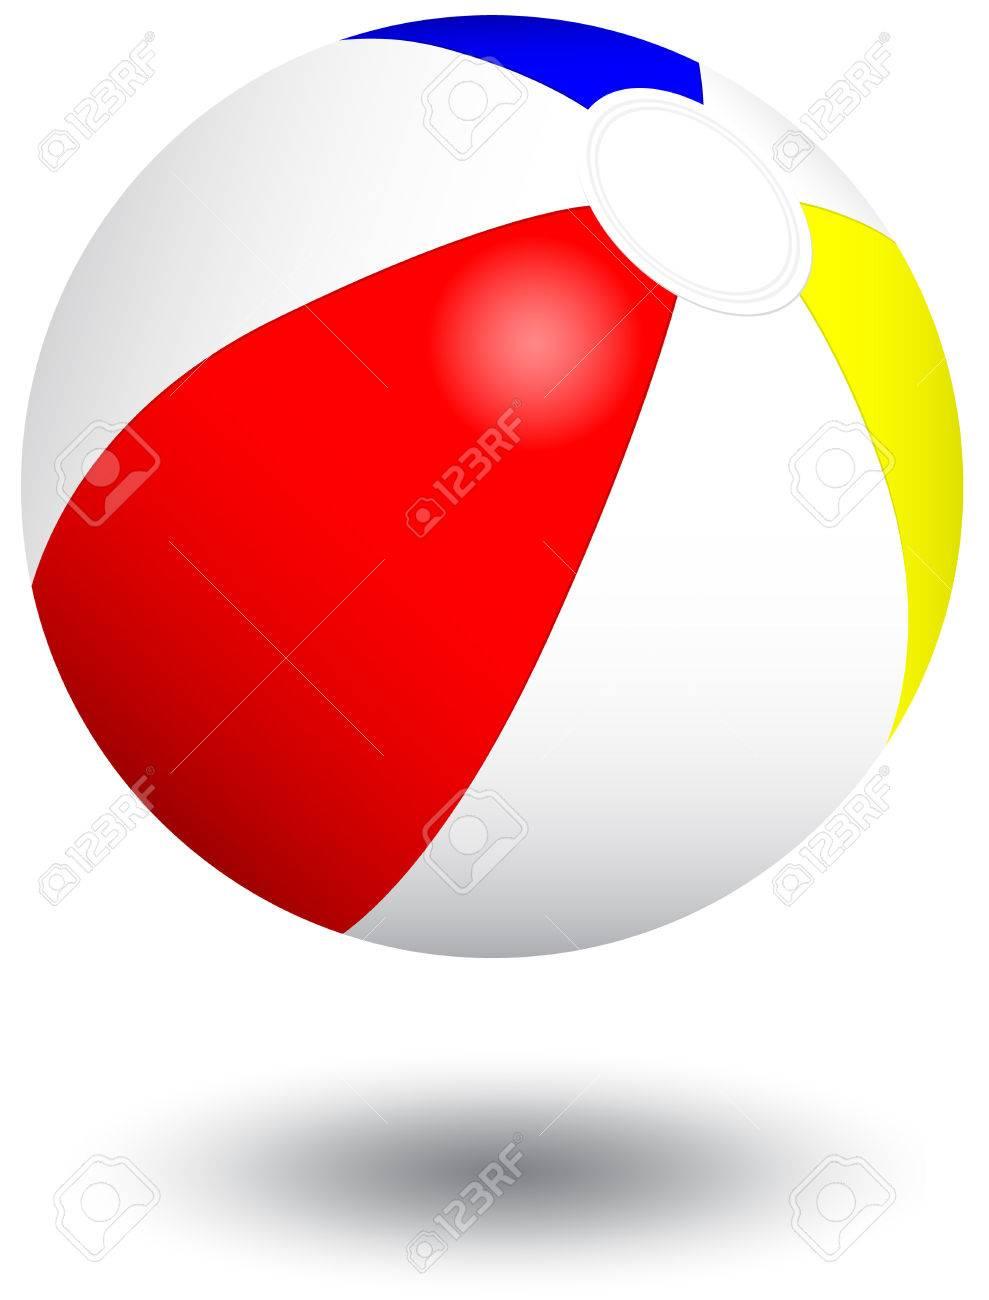 膨脹可能なビーチボール イラスト。 ロイヤリティフリークリップアート